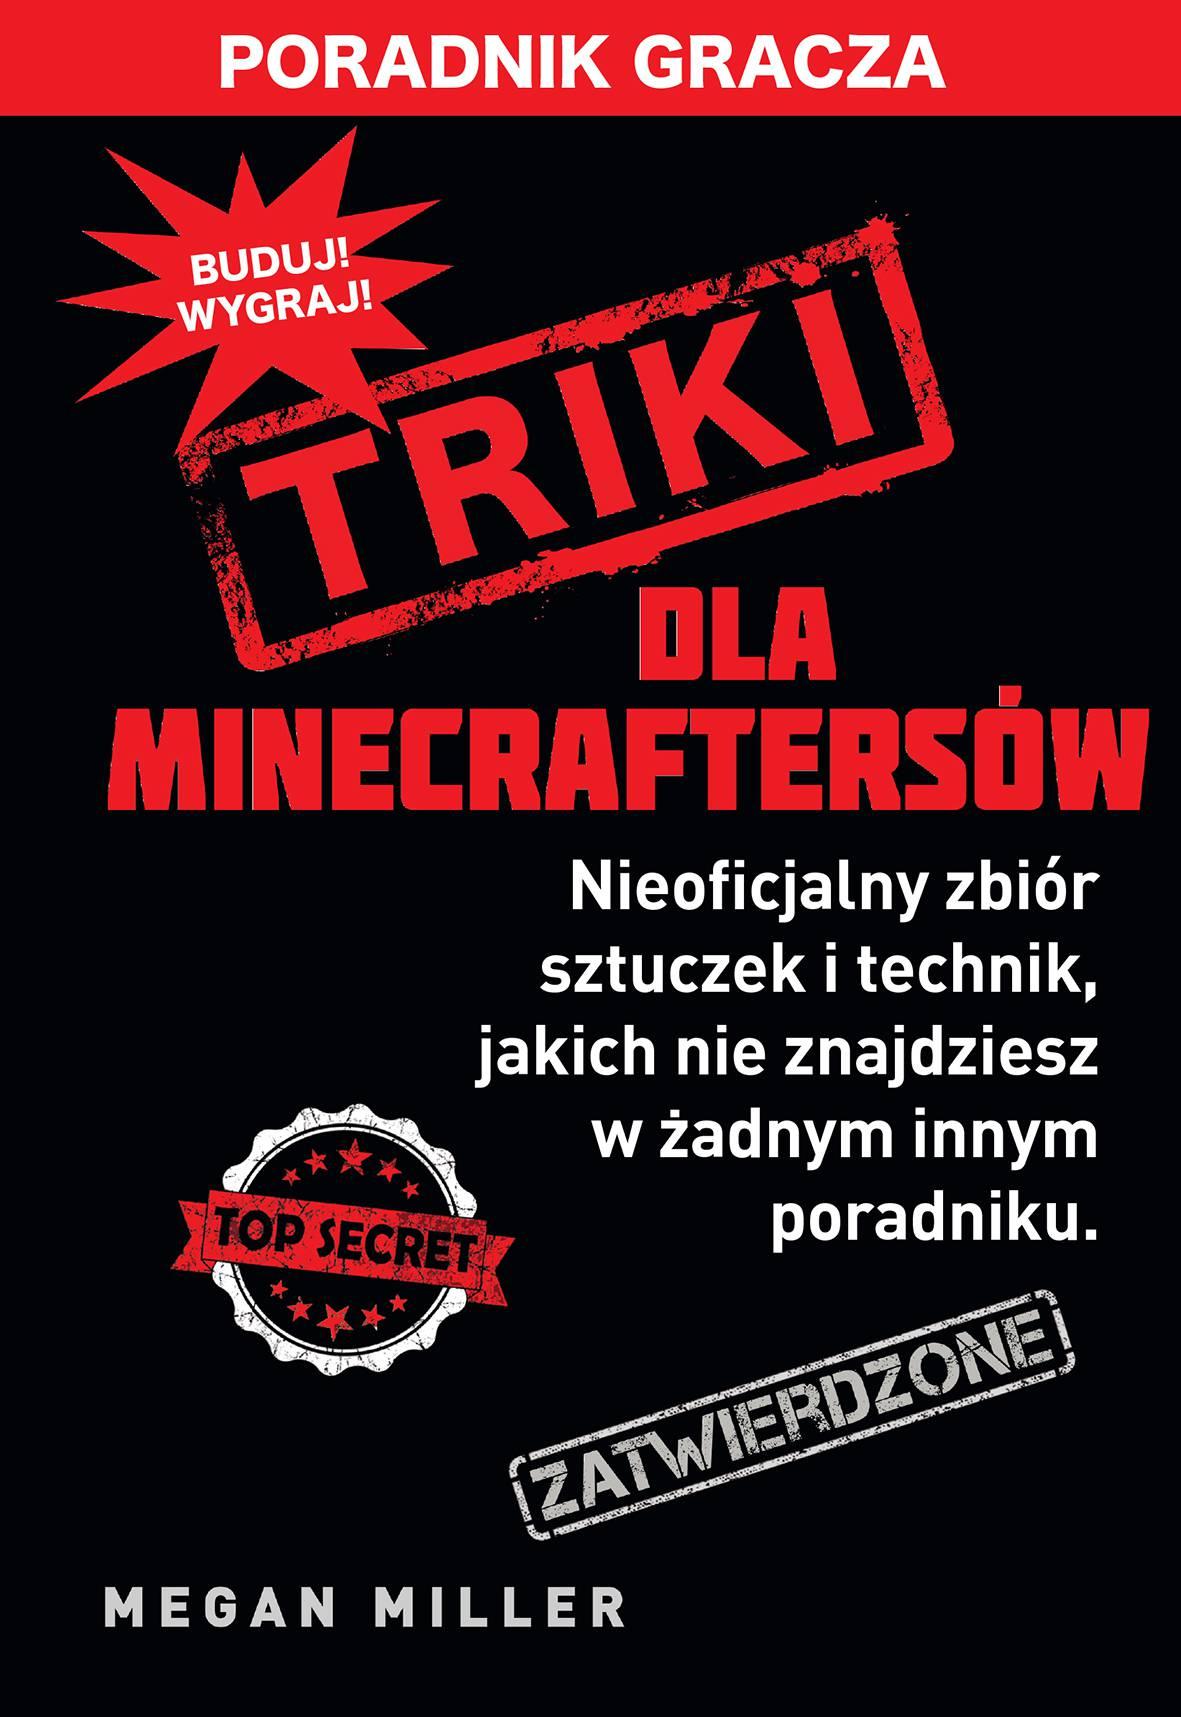 Triki dla minecraftersów - Ebook (Książka na Kindle) do pobrania w formacie MOBI